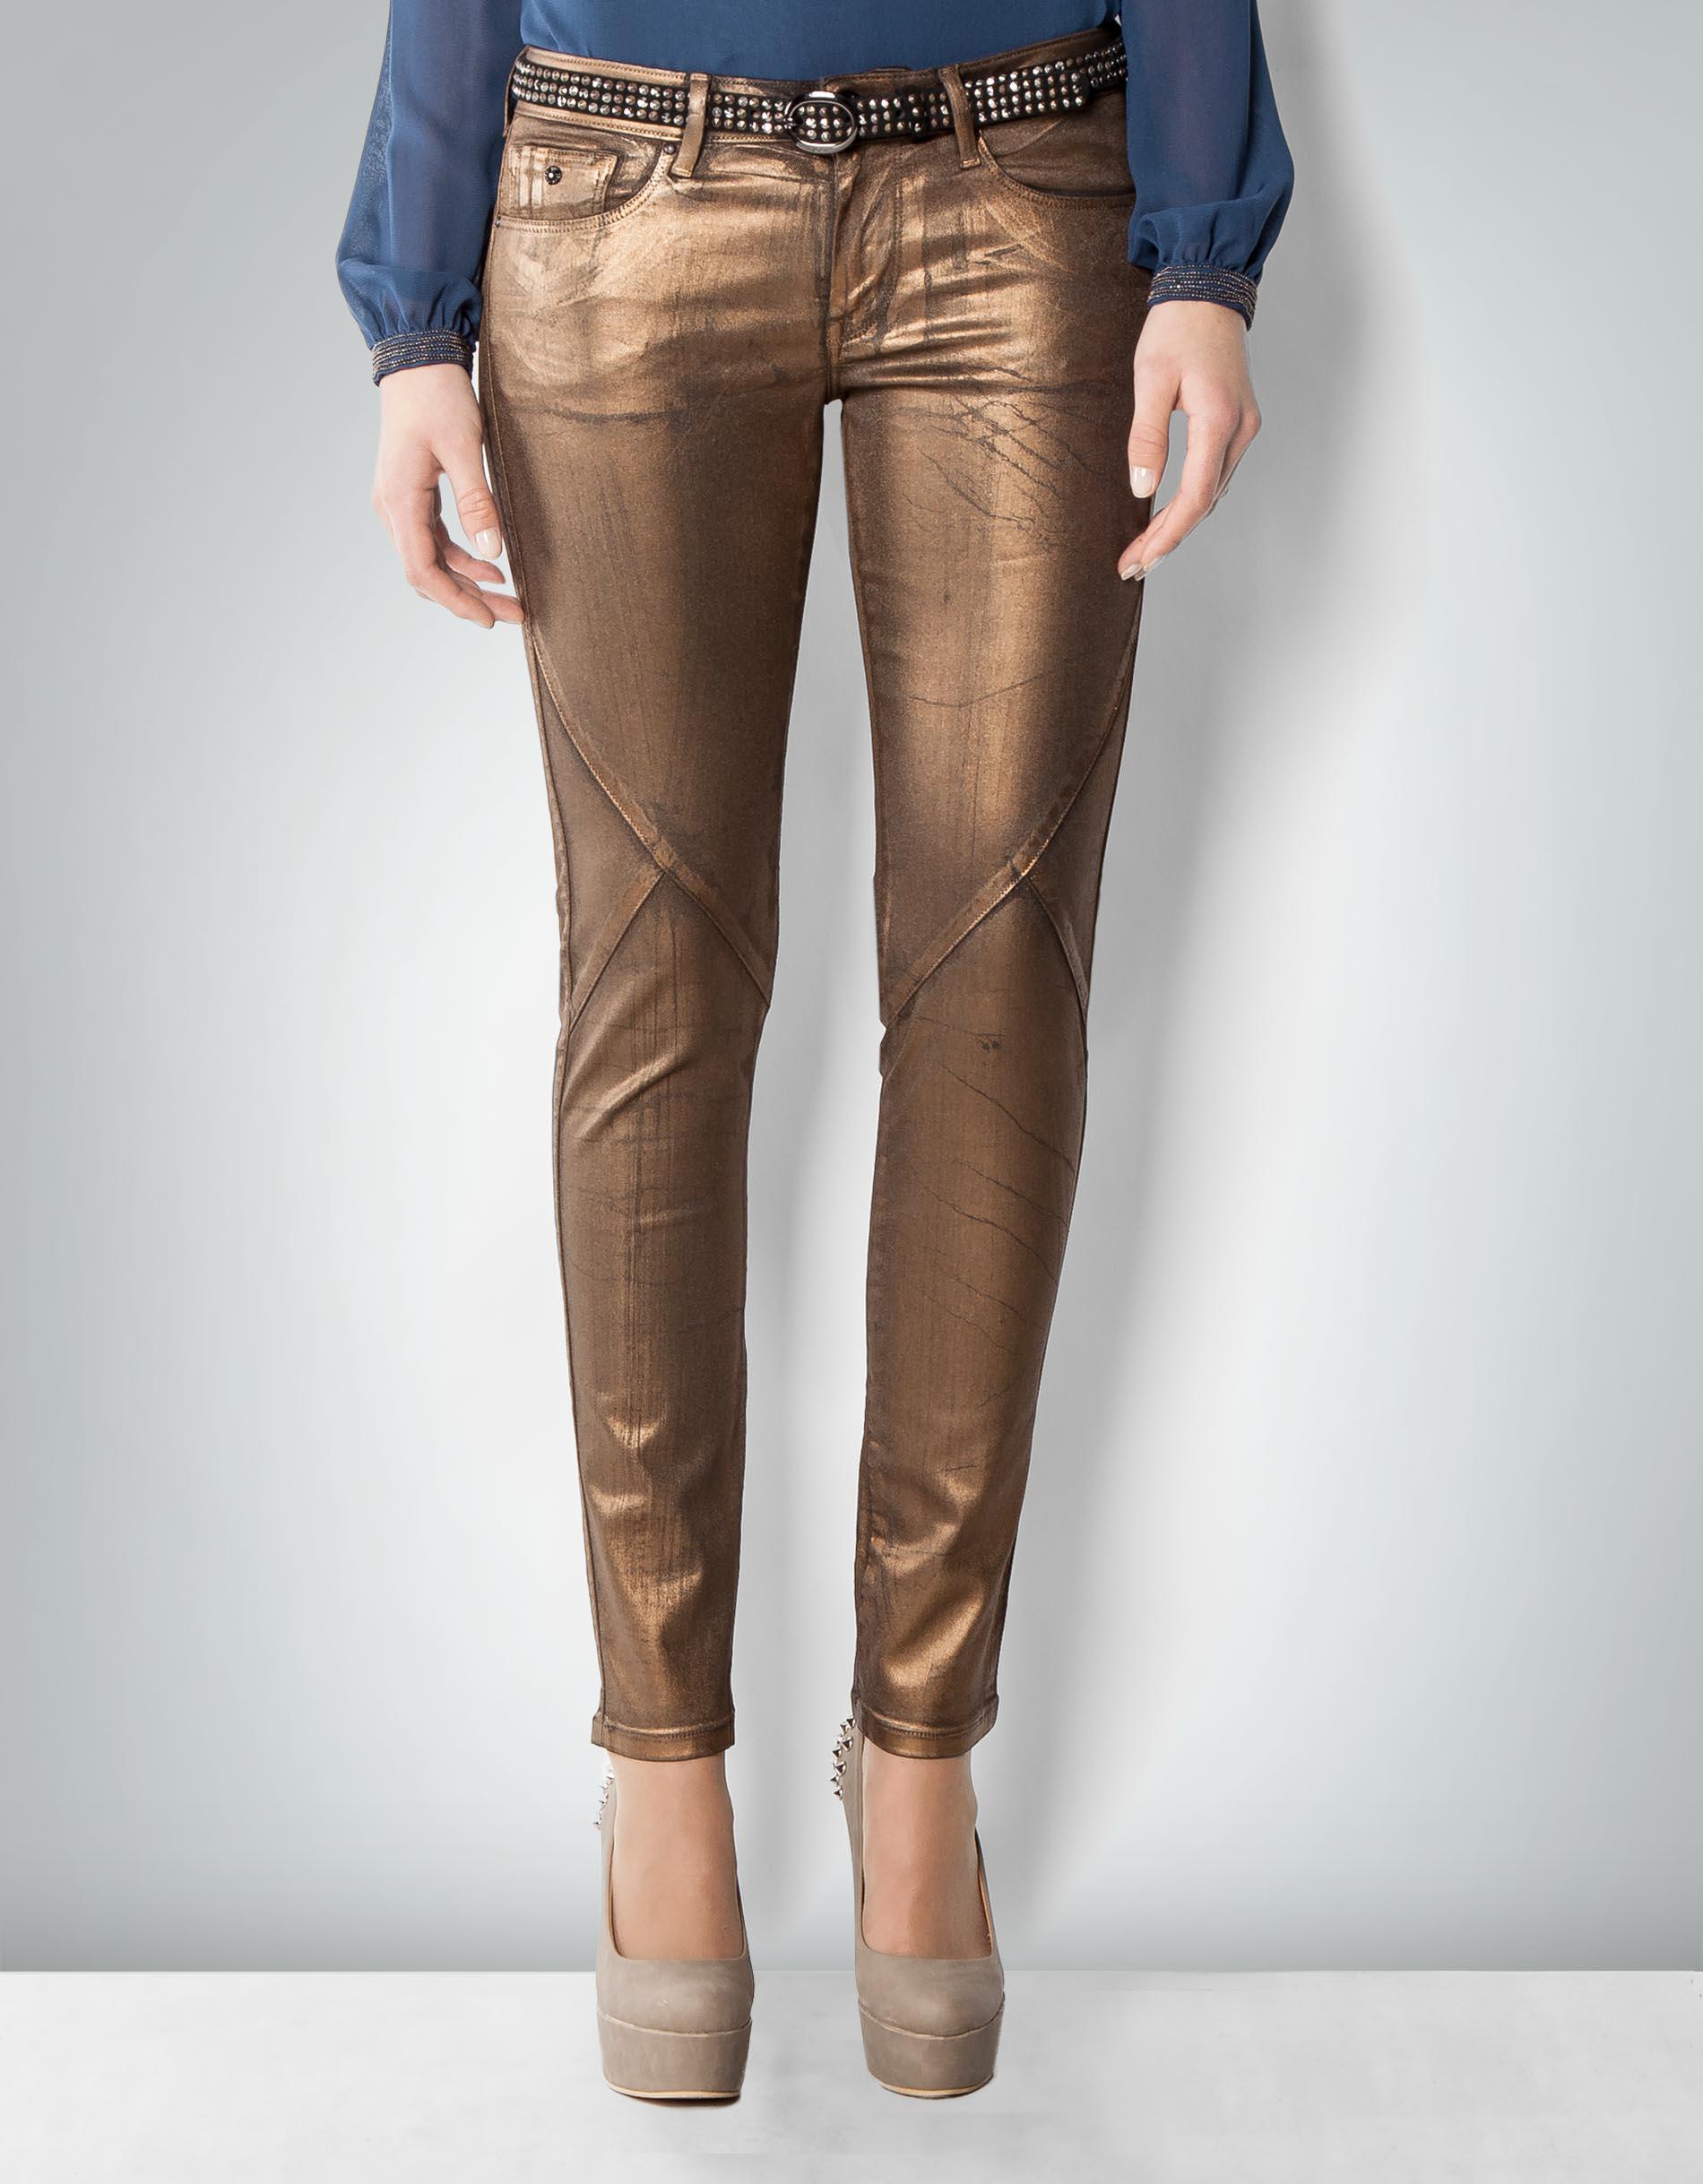 pepe jeans damen truffle jeans im metallic look empfohlen von deinen schwestern. Black Bedroom Furniture Sets. Home Design Ideas